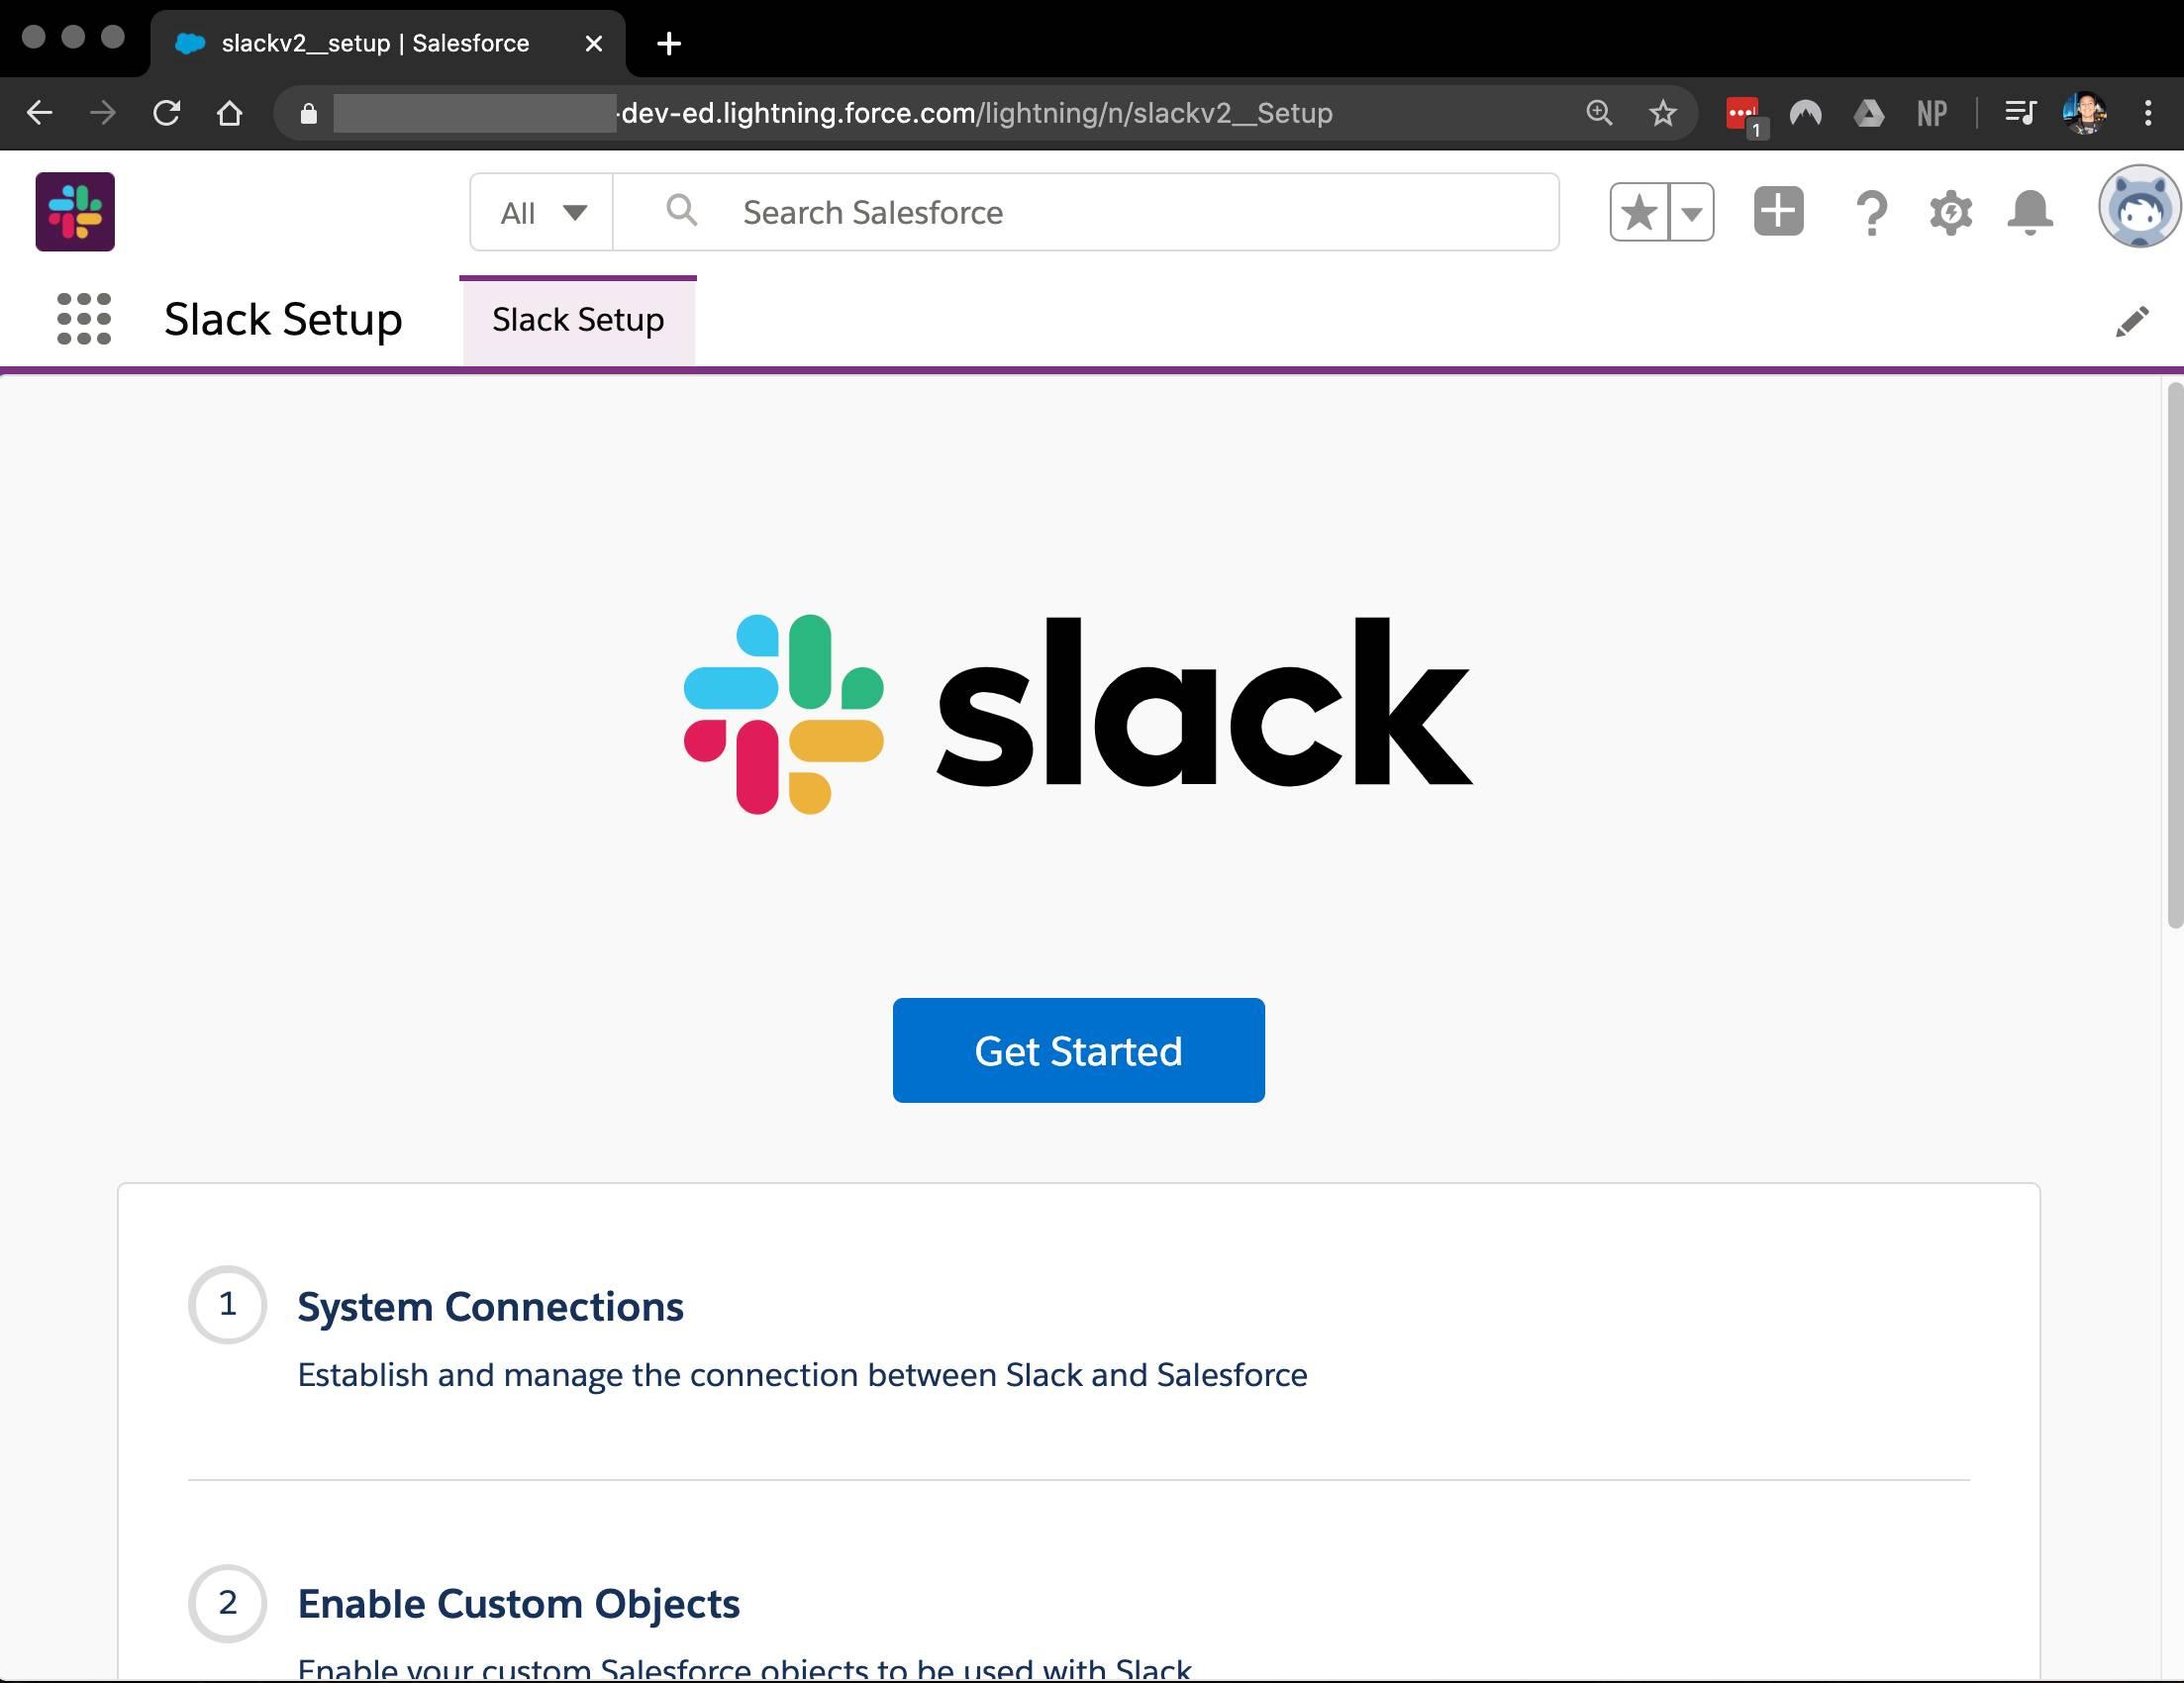 Slack Setup page in Salesforce